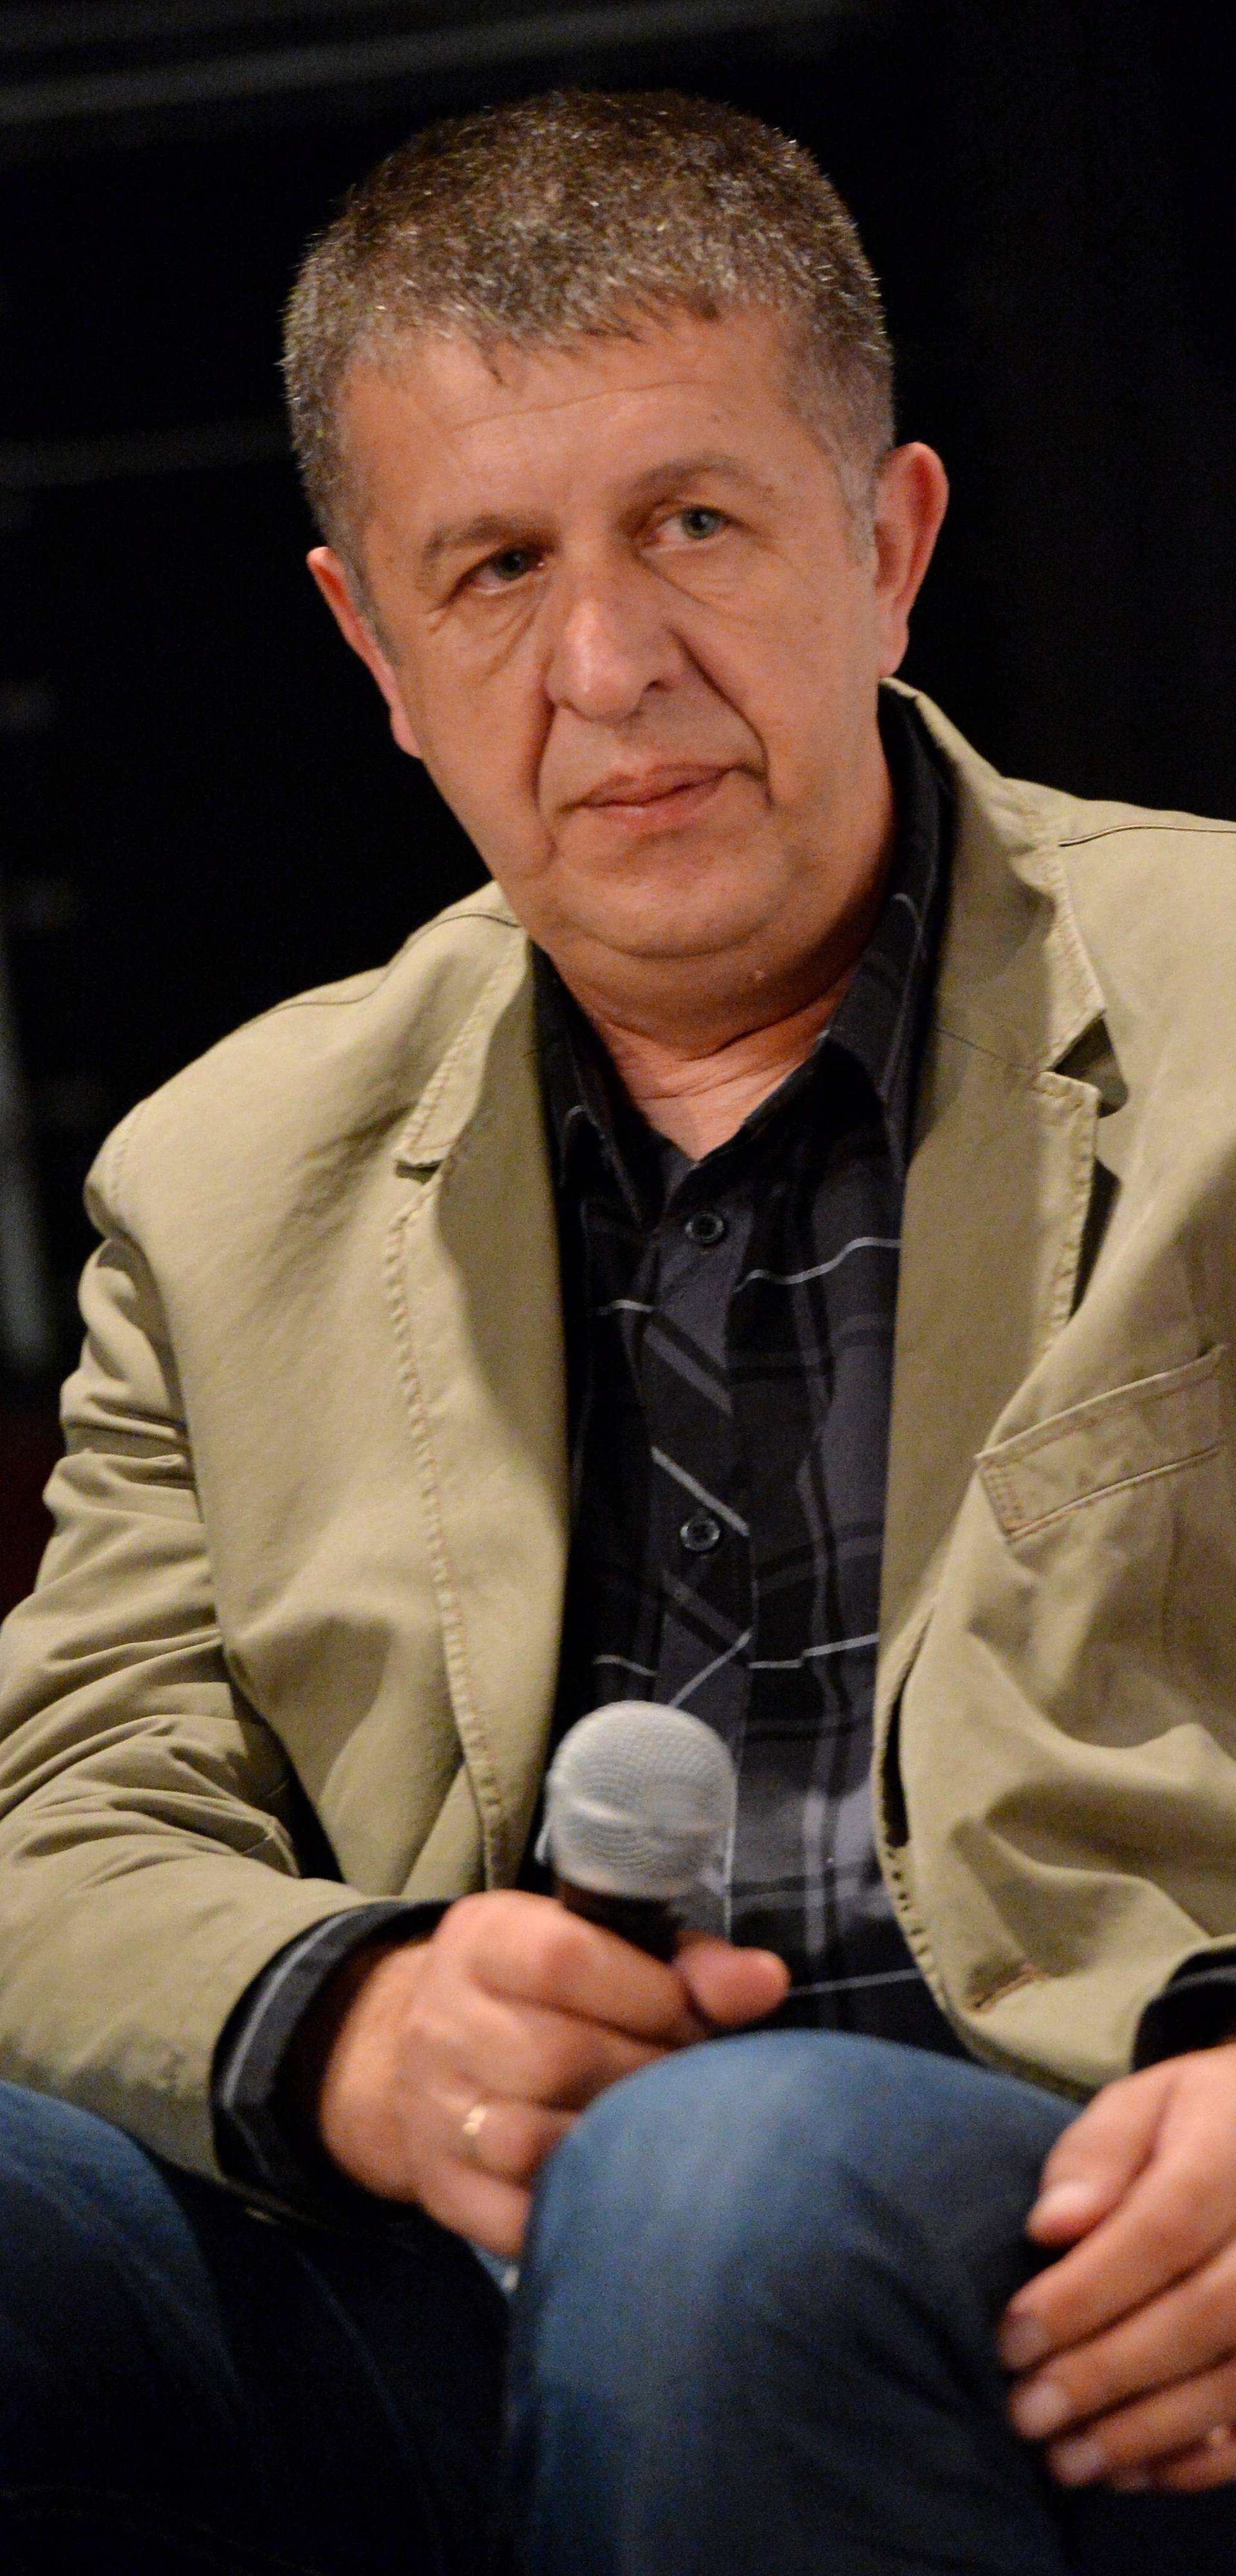 Nagrađivani pisac Mlakić dolazi u Frakturu s novim romanom...